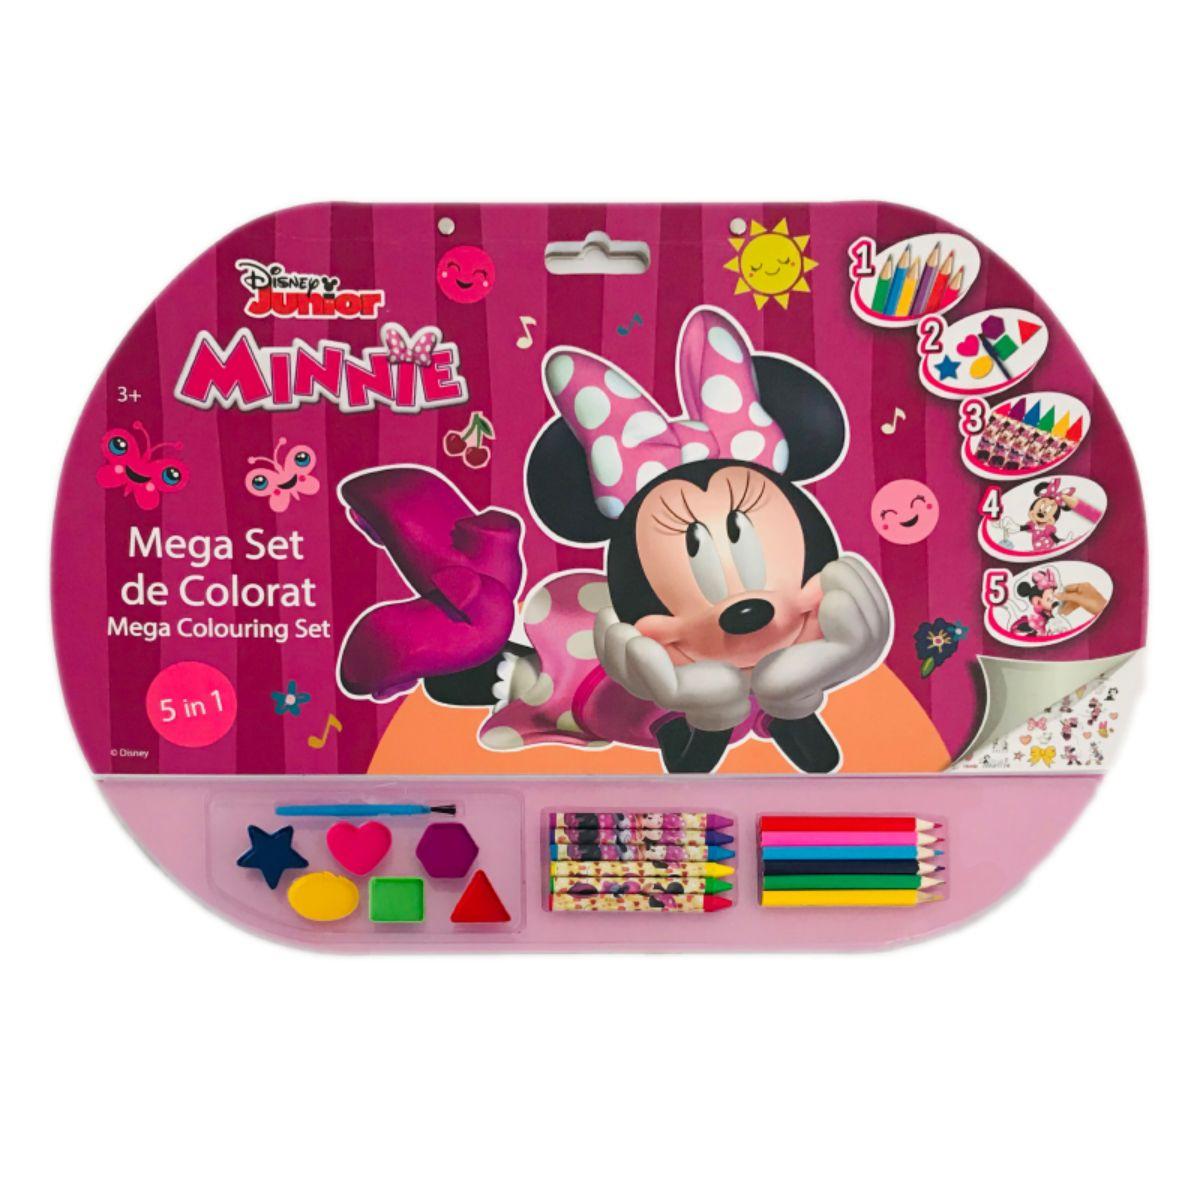 Mega Set de colorat 5 in 1, Minnie